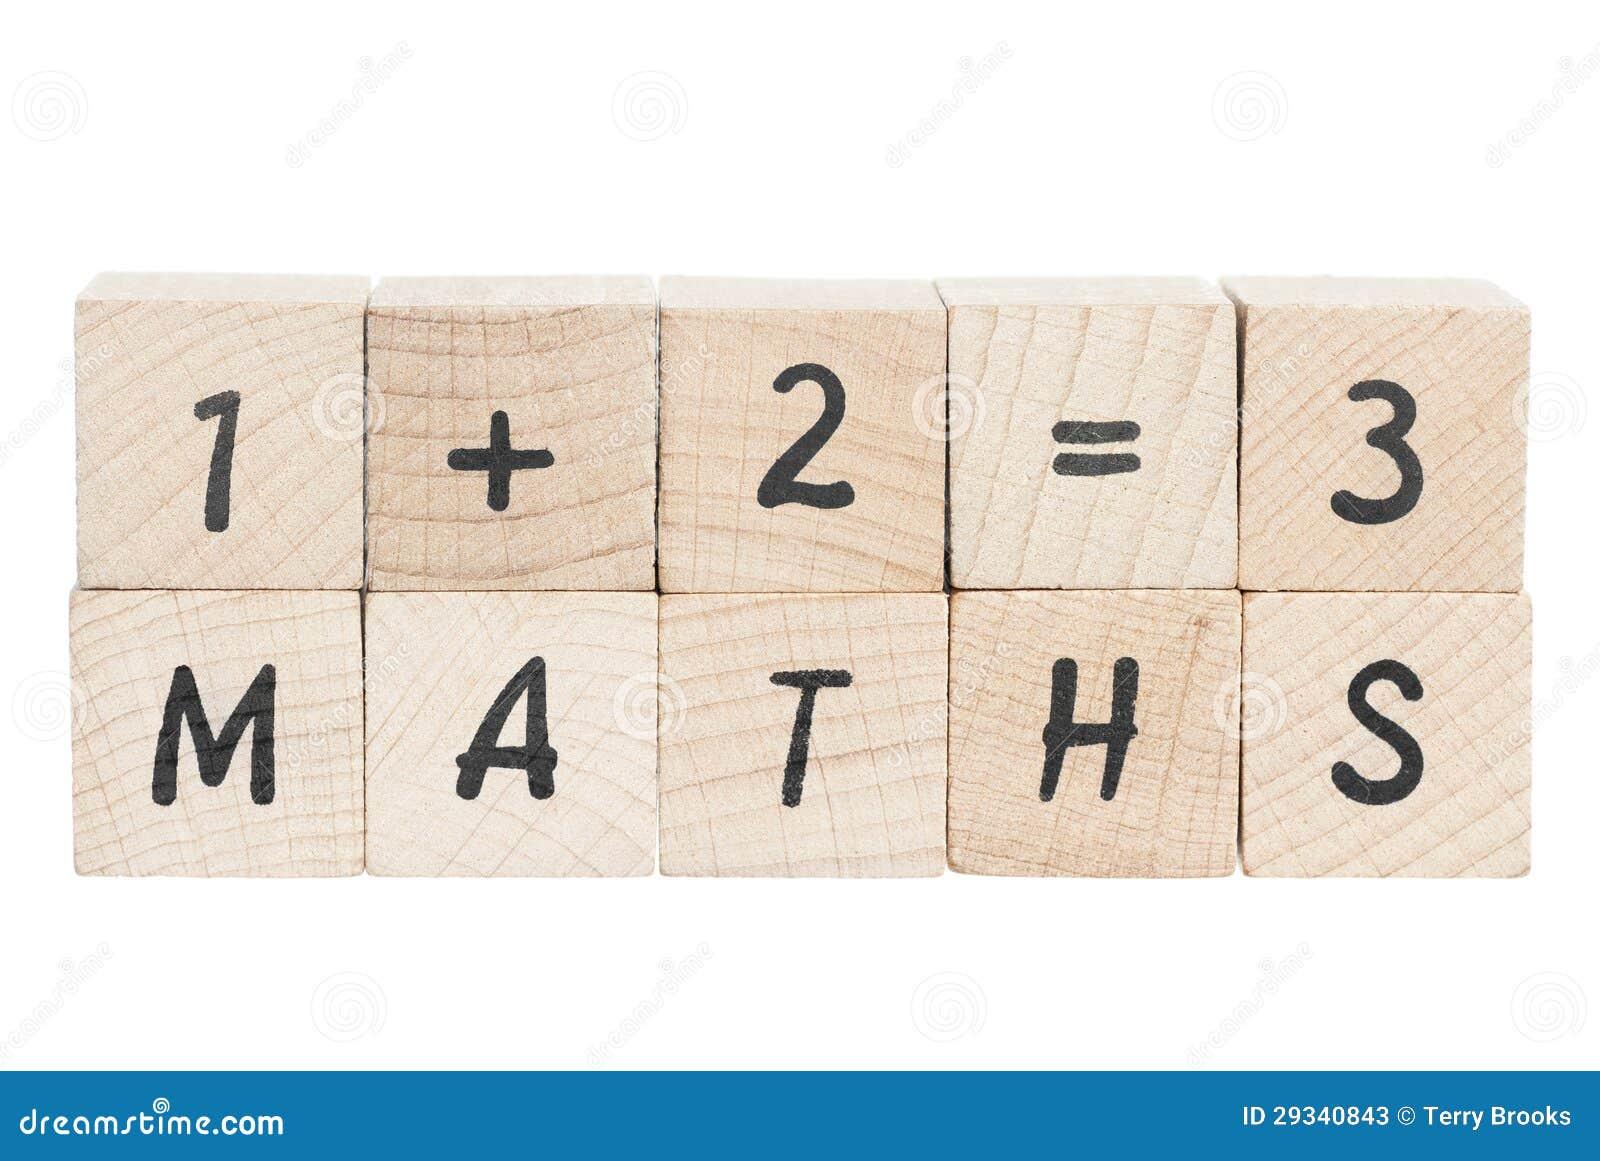 De Som Van Wiskunde Met Houten Blokken Stock Afbeelding